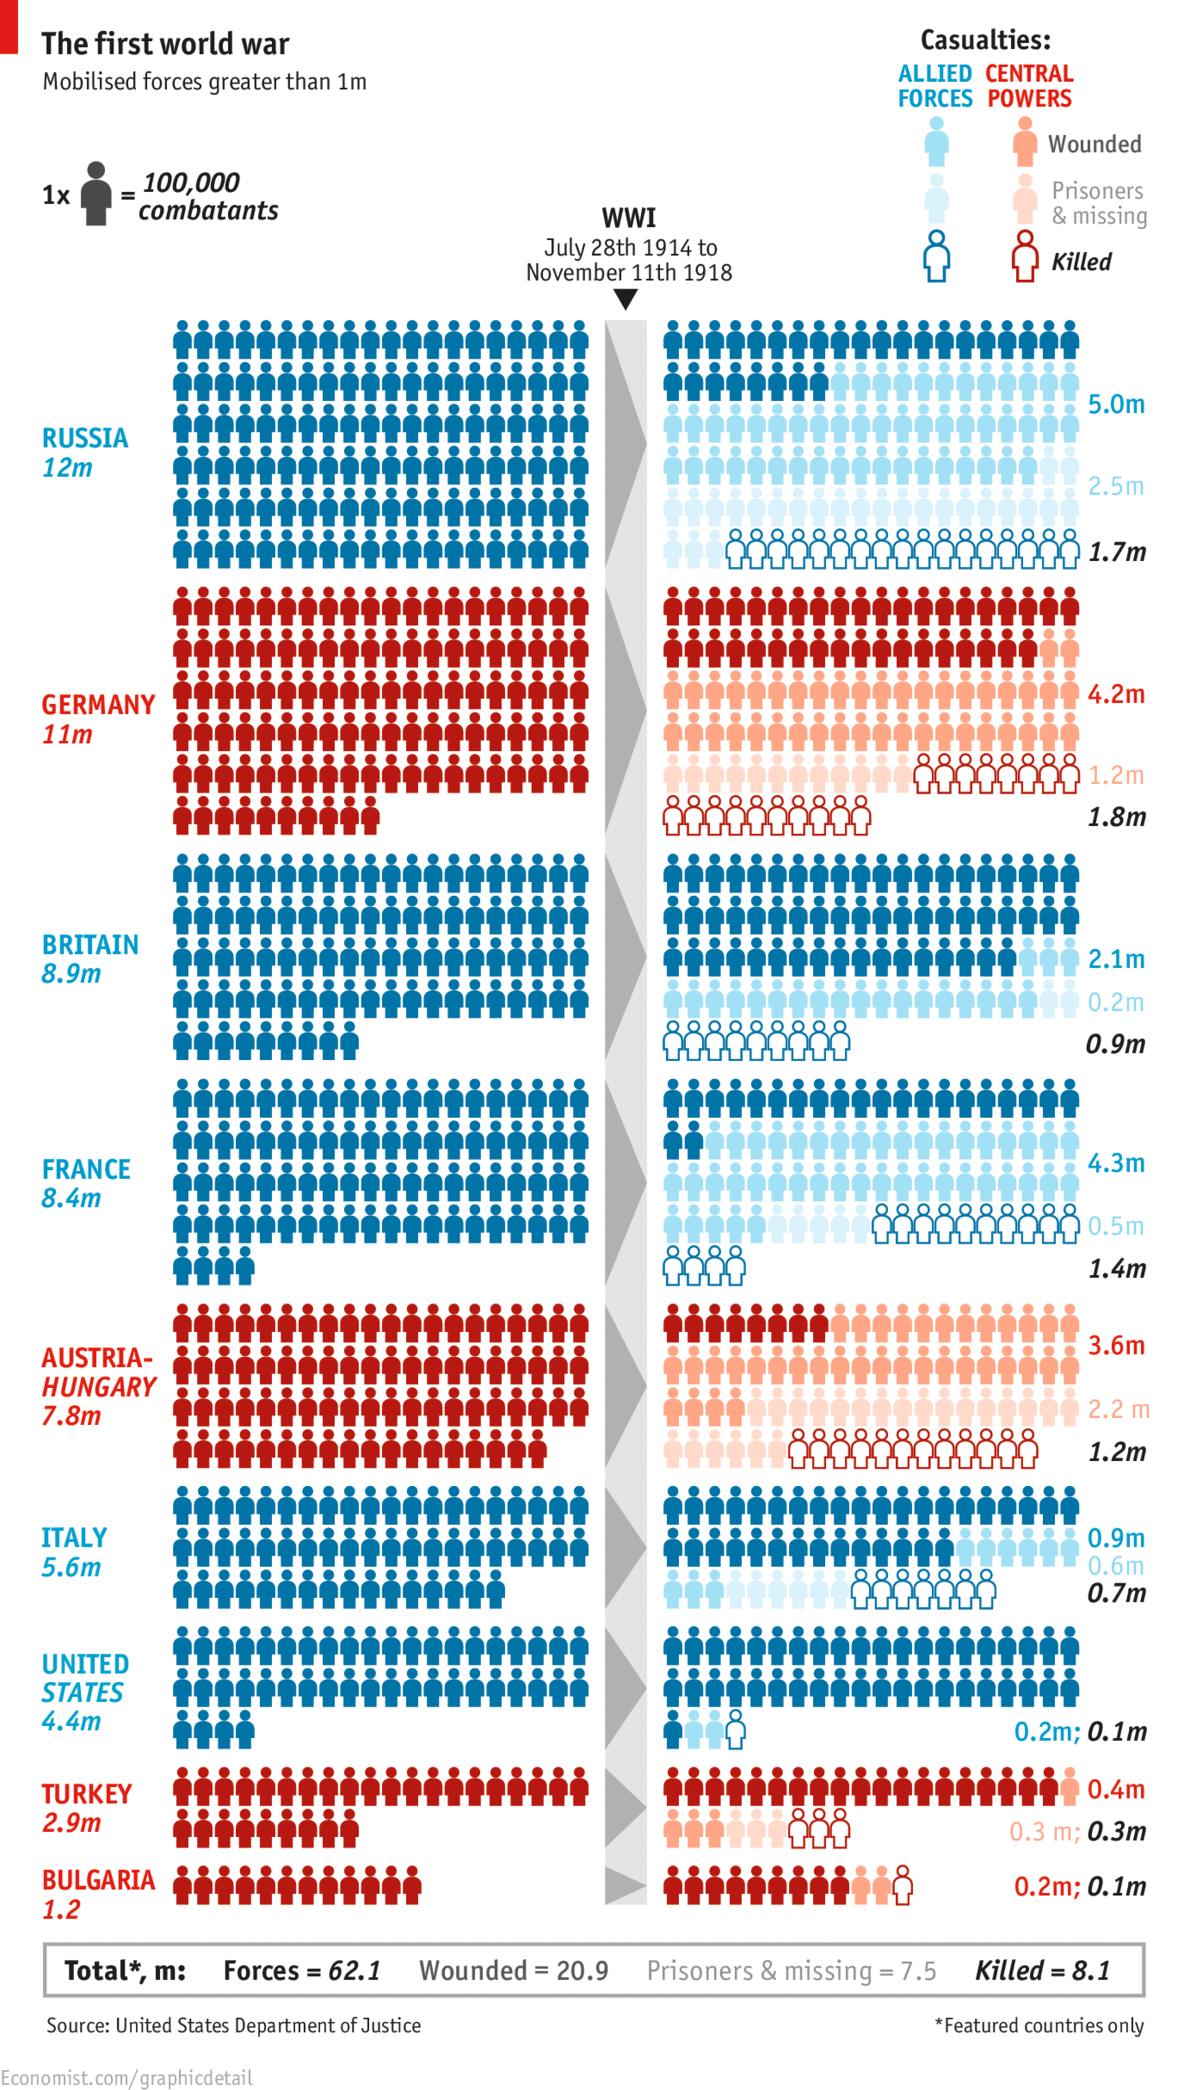 сколько человек погибло в первой мировой войне